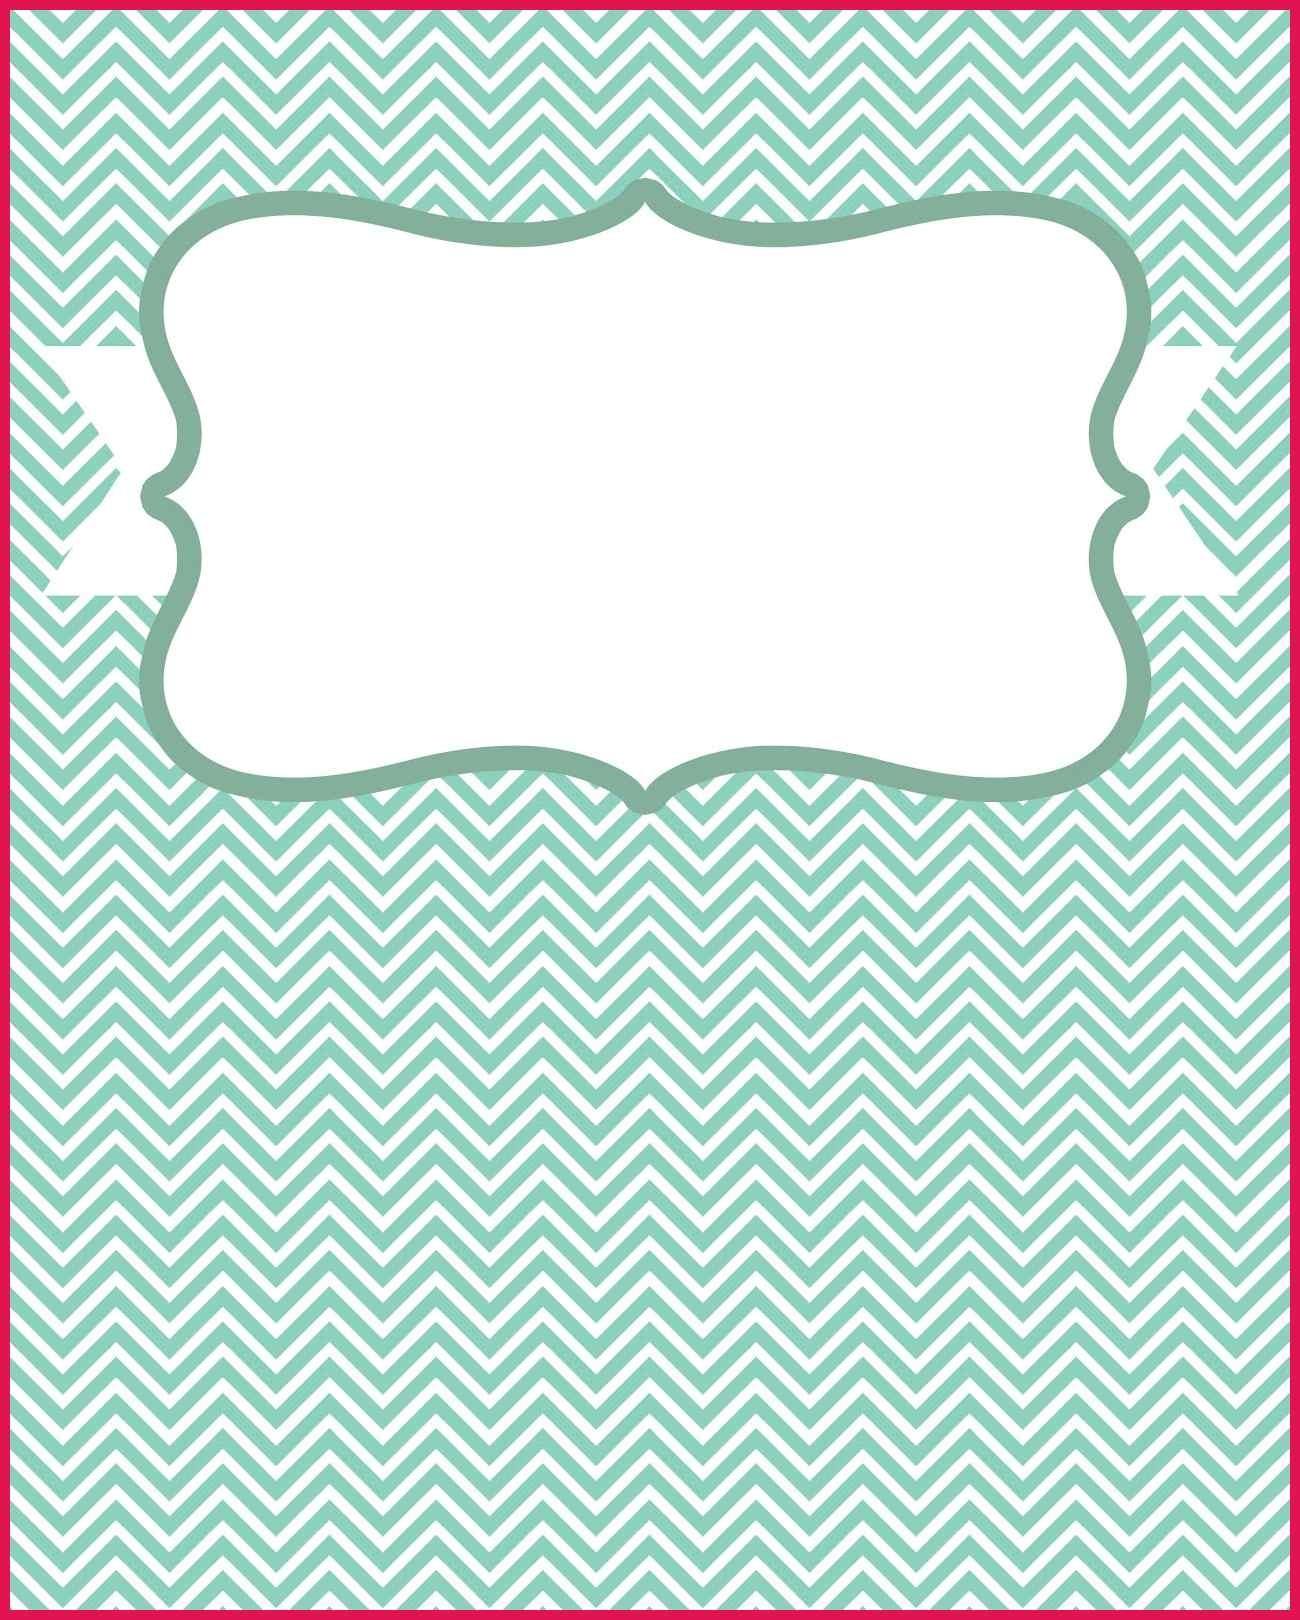 Free Printable Binder Covers | Sop Examples - Free Printable Binder Covers